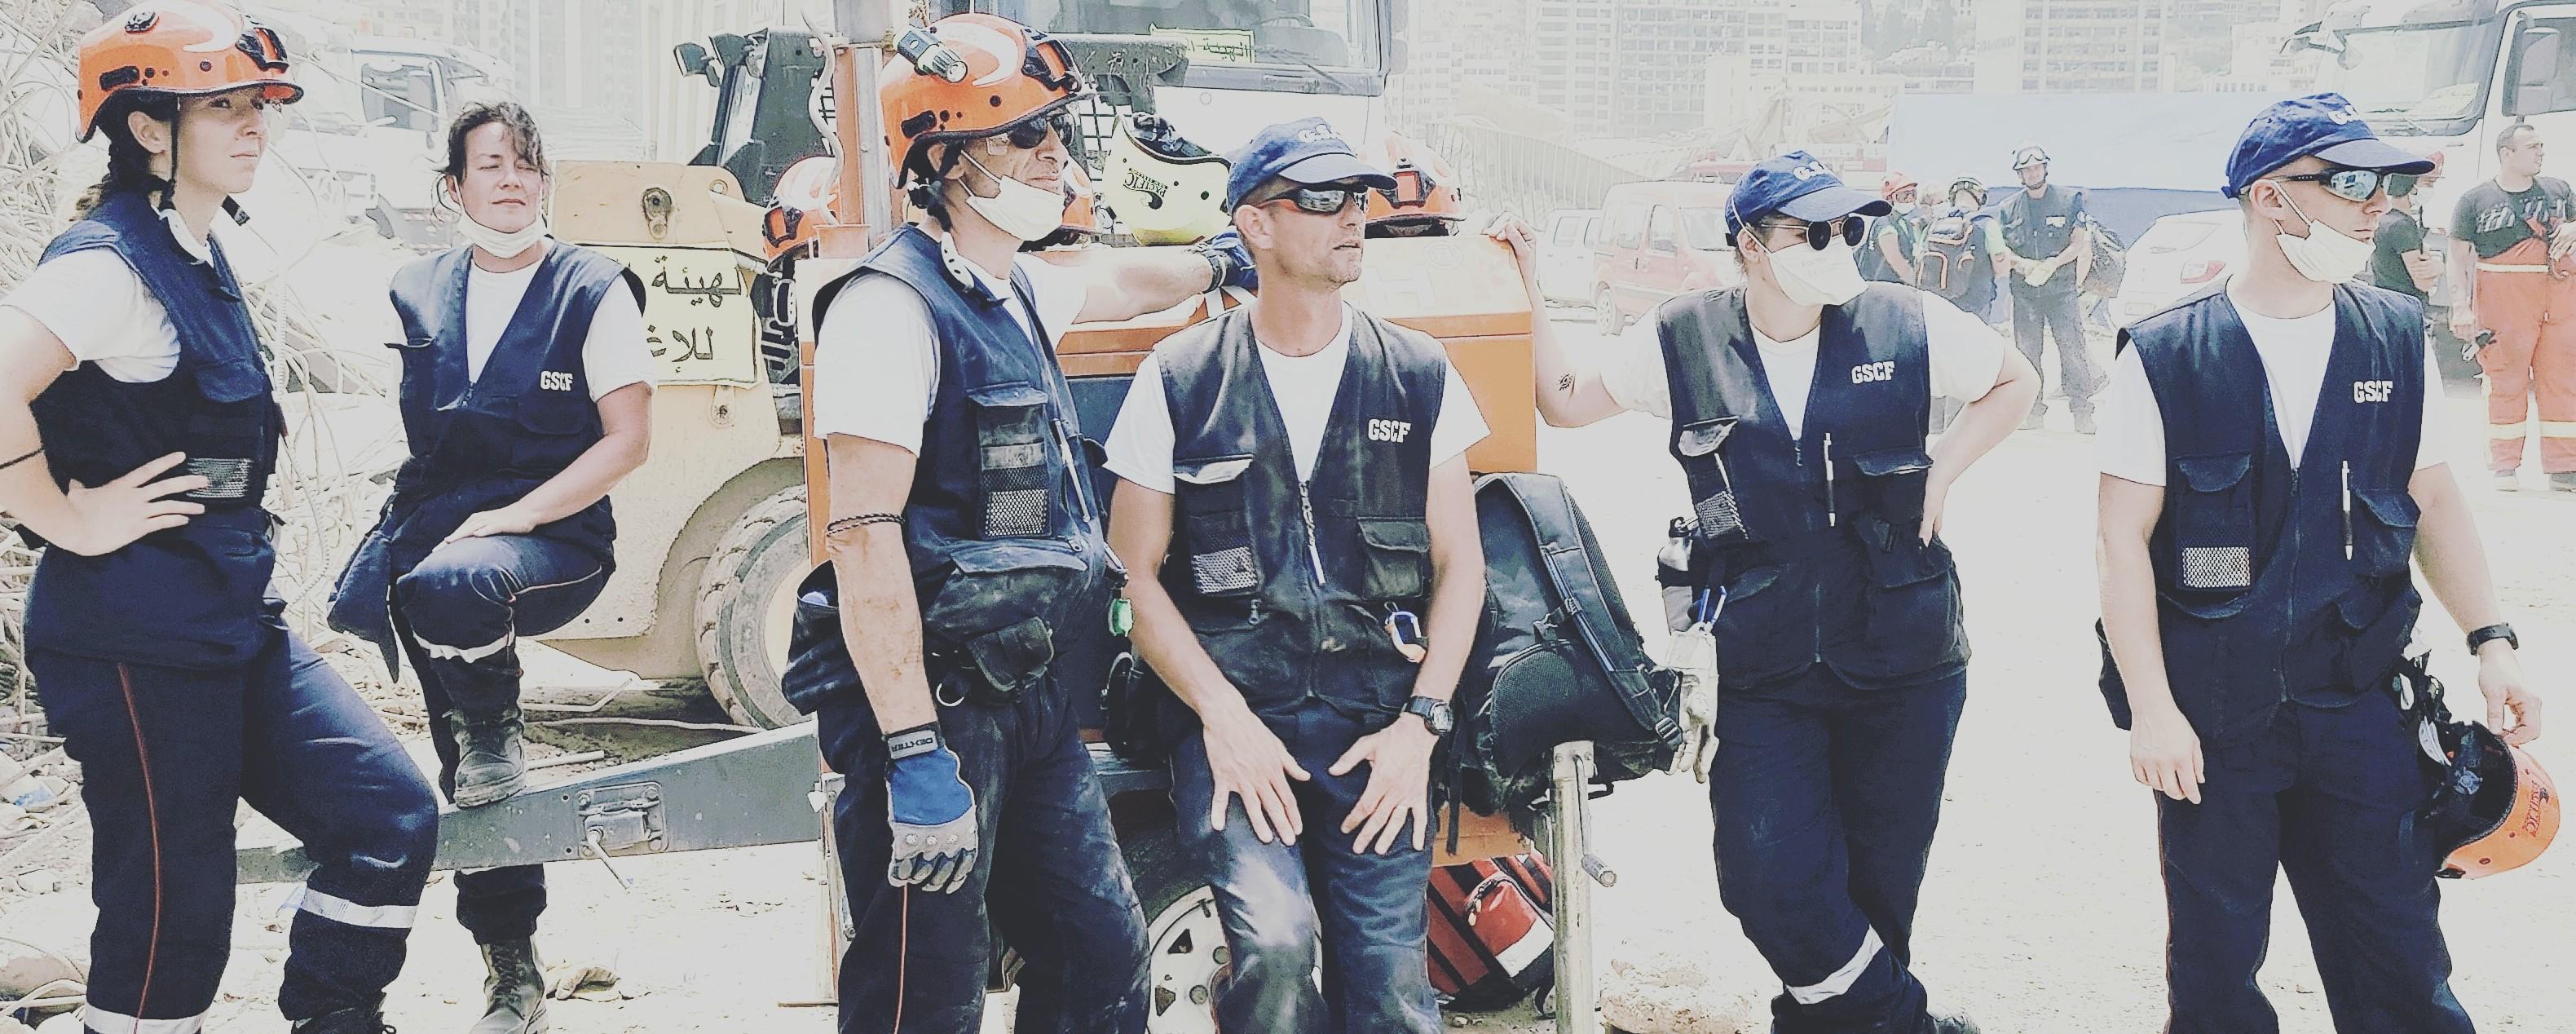 Pompiers-humanitaires du GSCF